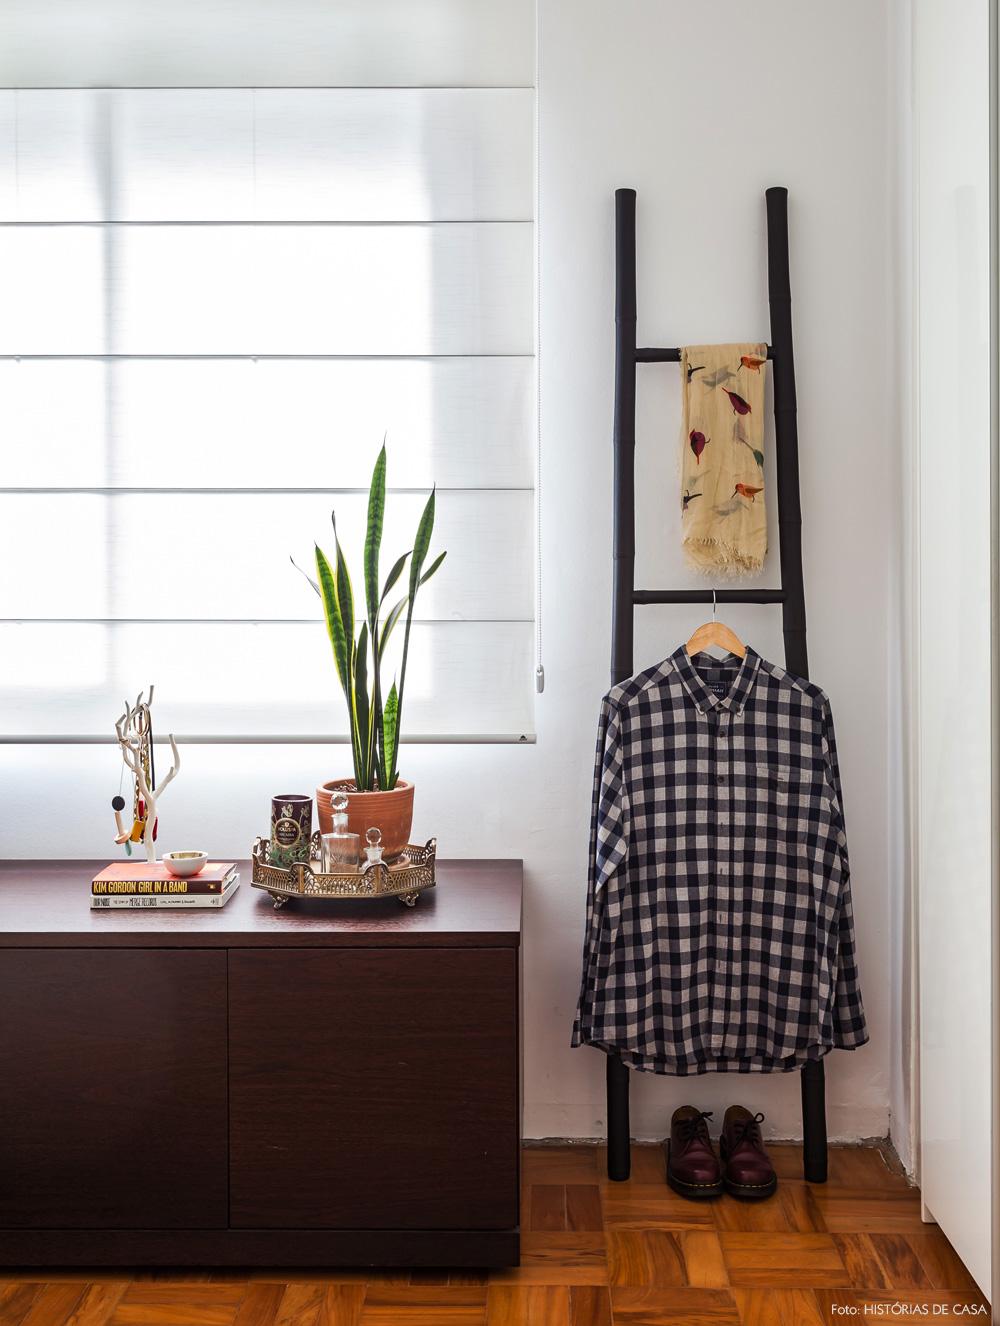 30-decoracao-quarto-movel-sob-janela-cabideiro-escada